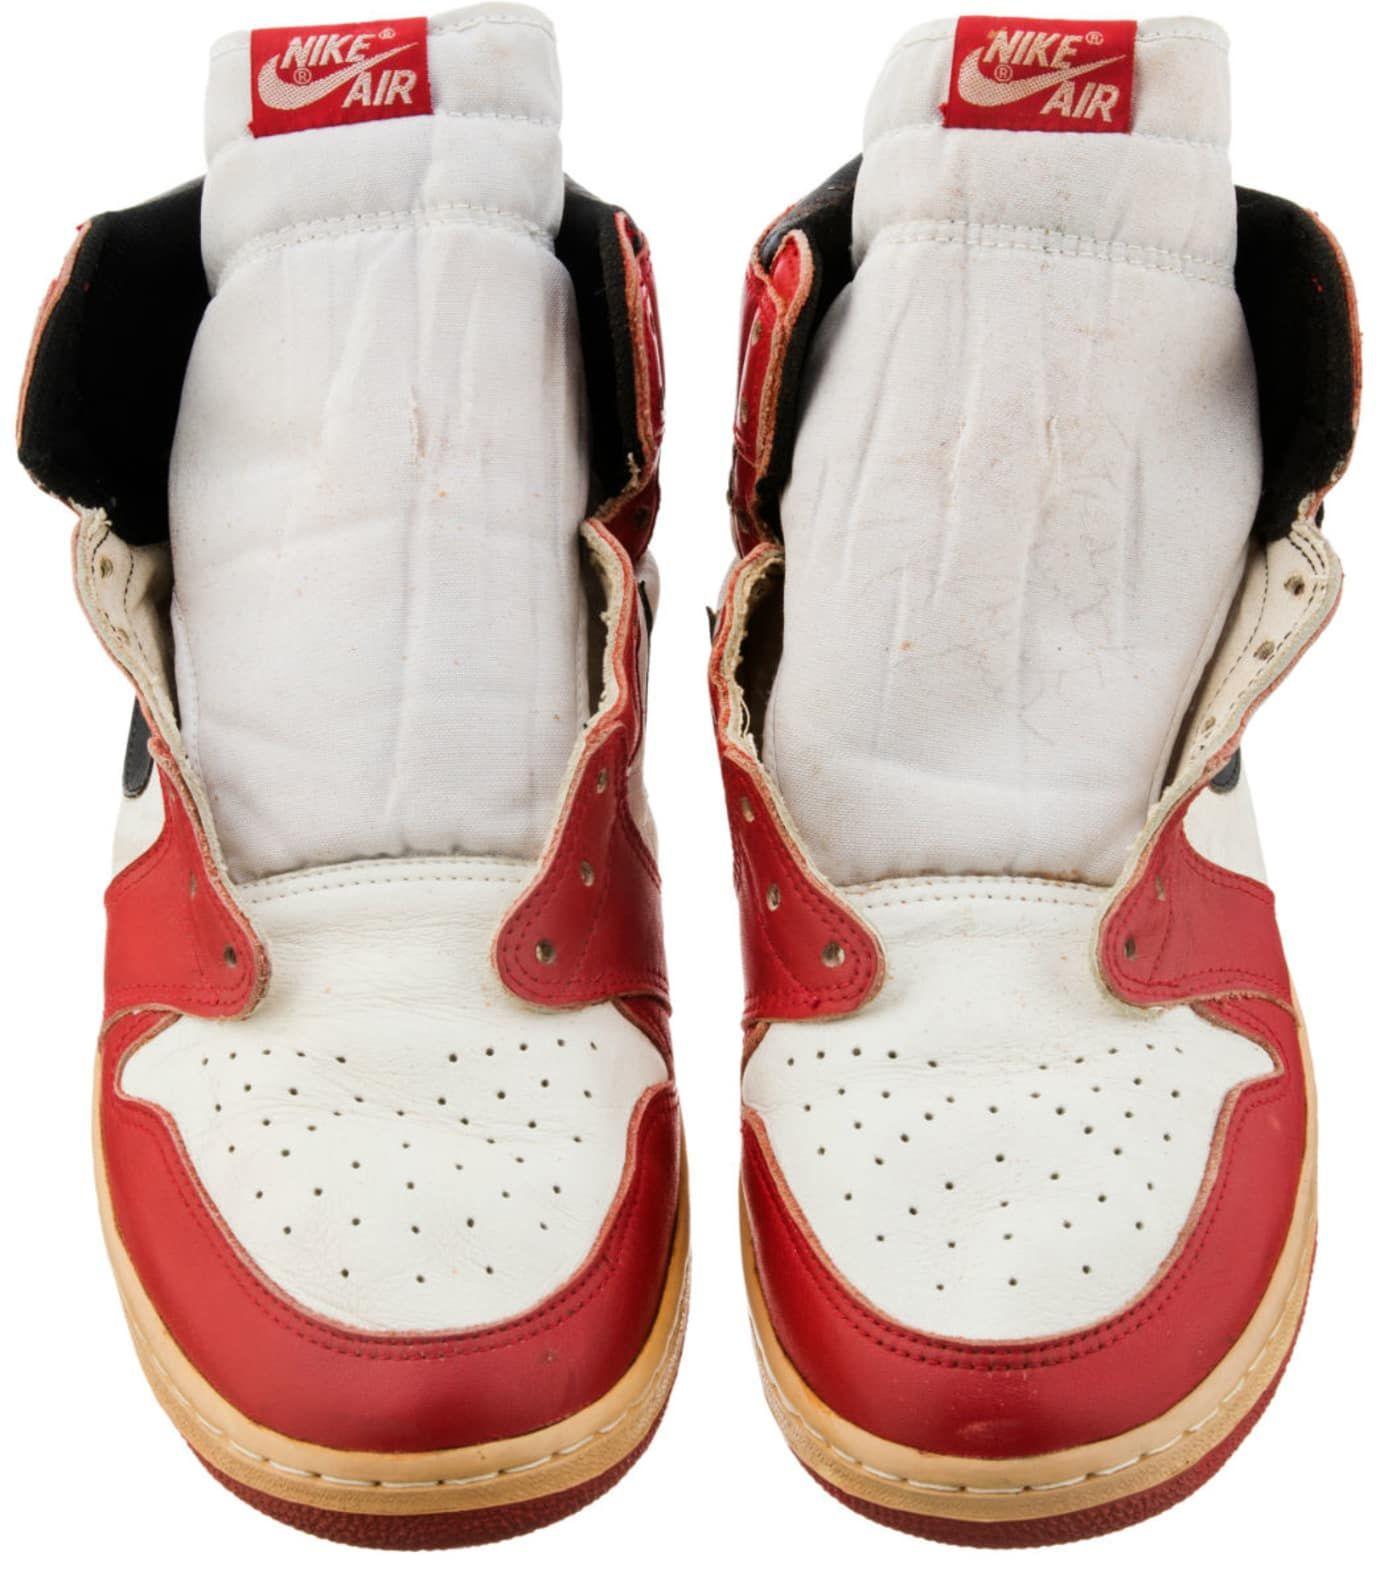 Image result for michael jordan rehab sneakers   AJ1 X GG